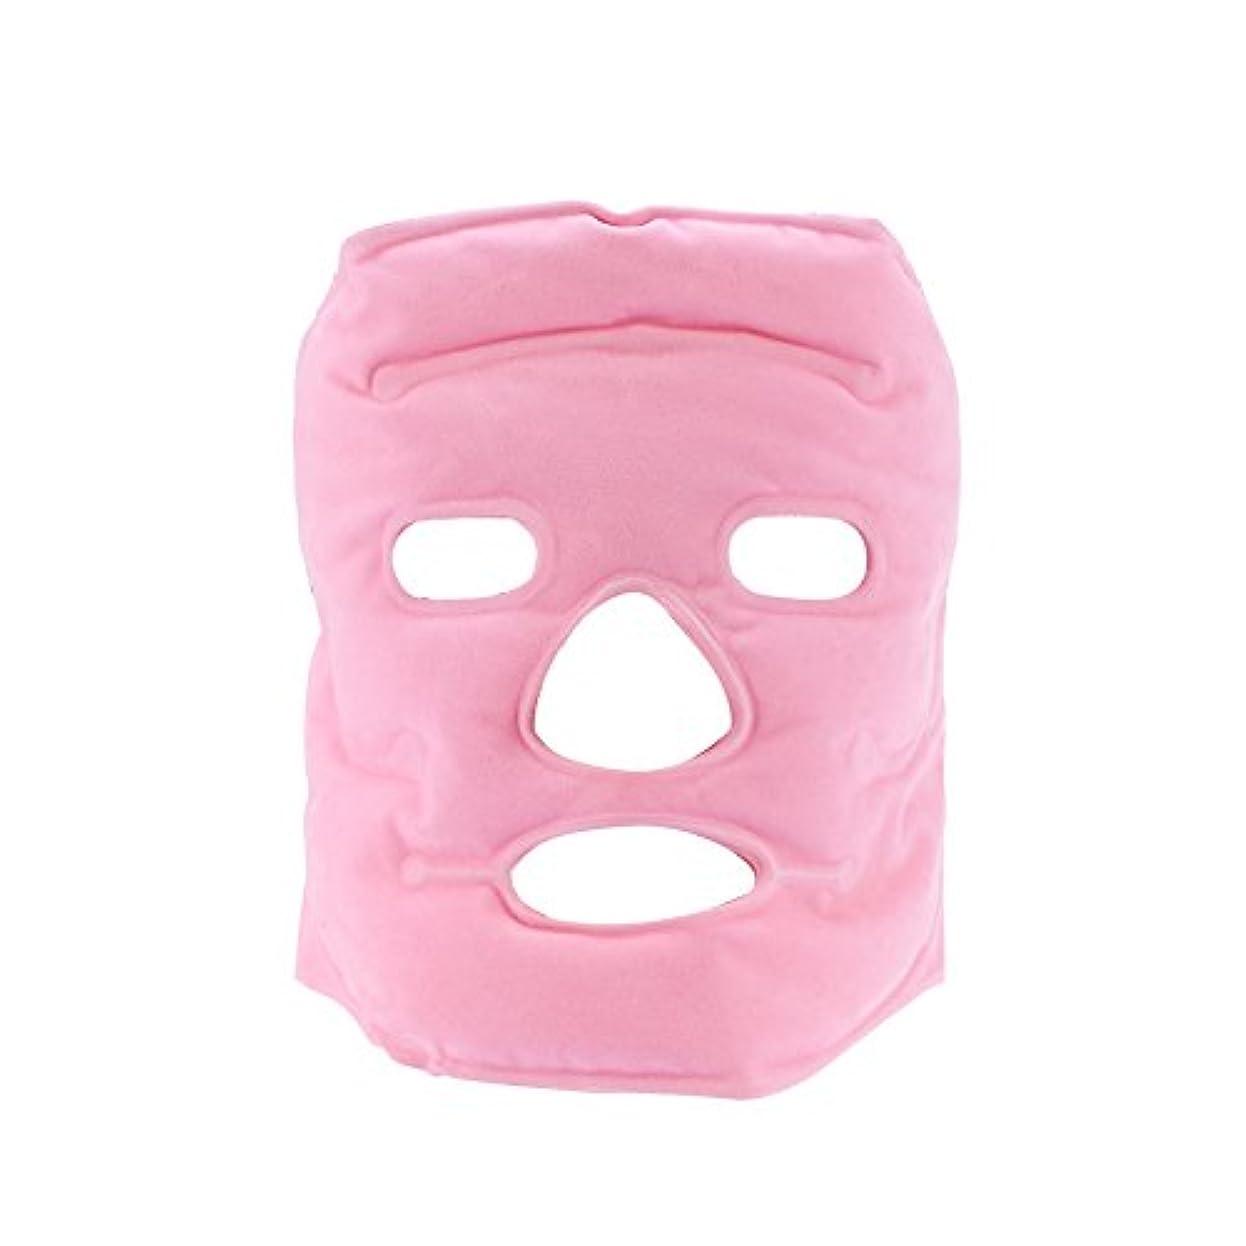 カポック自分自身石化するトルマリンフェイスマスク、フェイシャル美容マスク計器トルマリン磁気コールド/ホットコンプレッションマッサージアンチリンクルフェイスケア女性